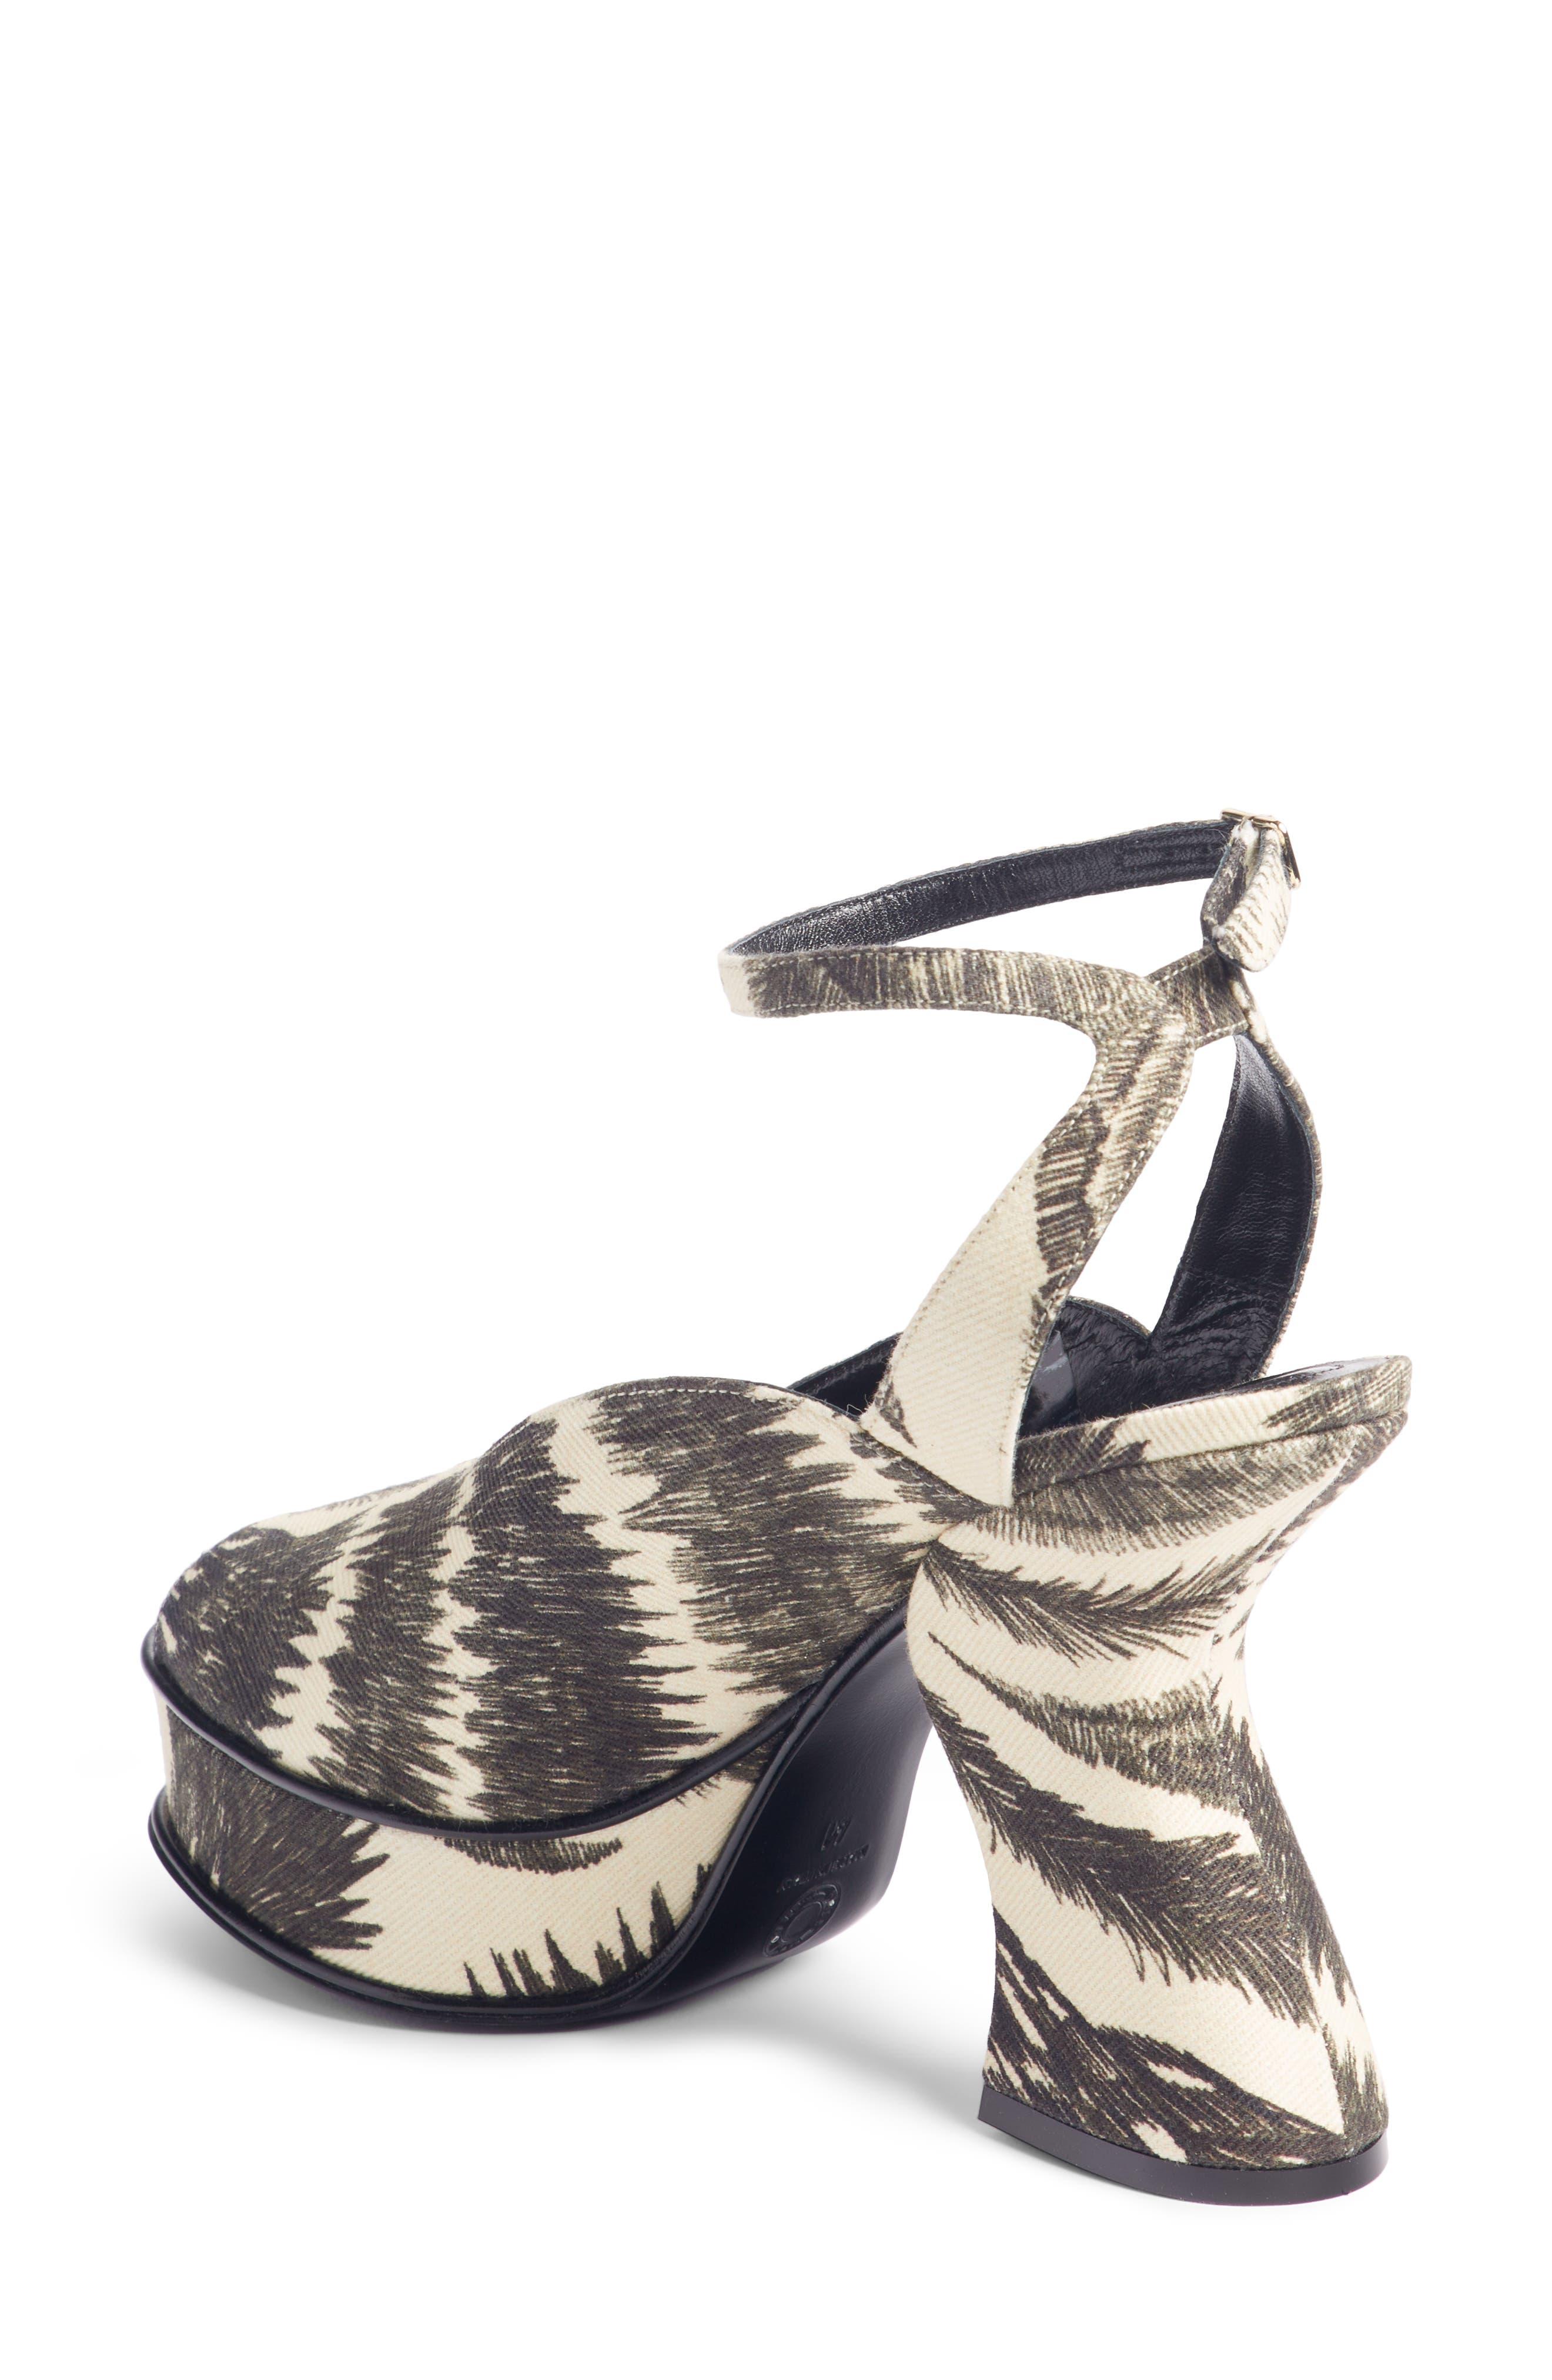 Wave Heel Platform Sandal,                             Alternate thumbnail 2, color,                             BLACK/ IVORY